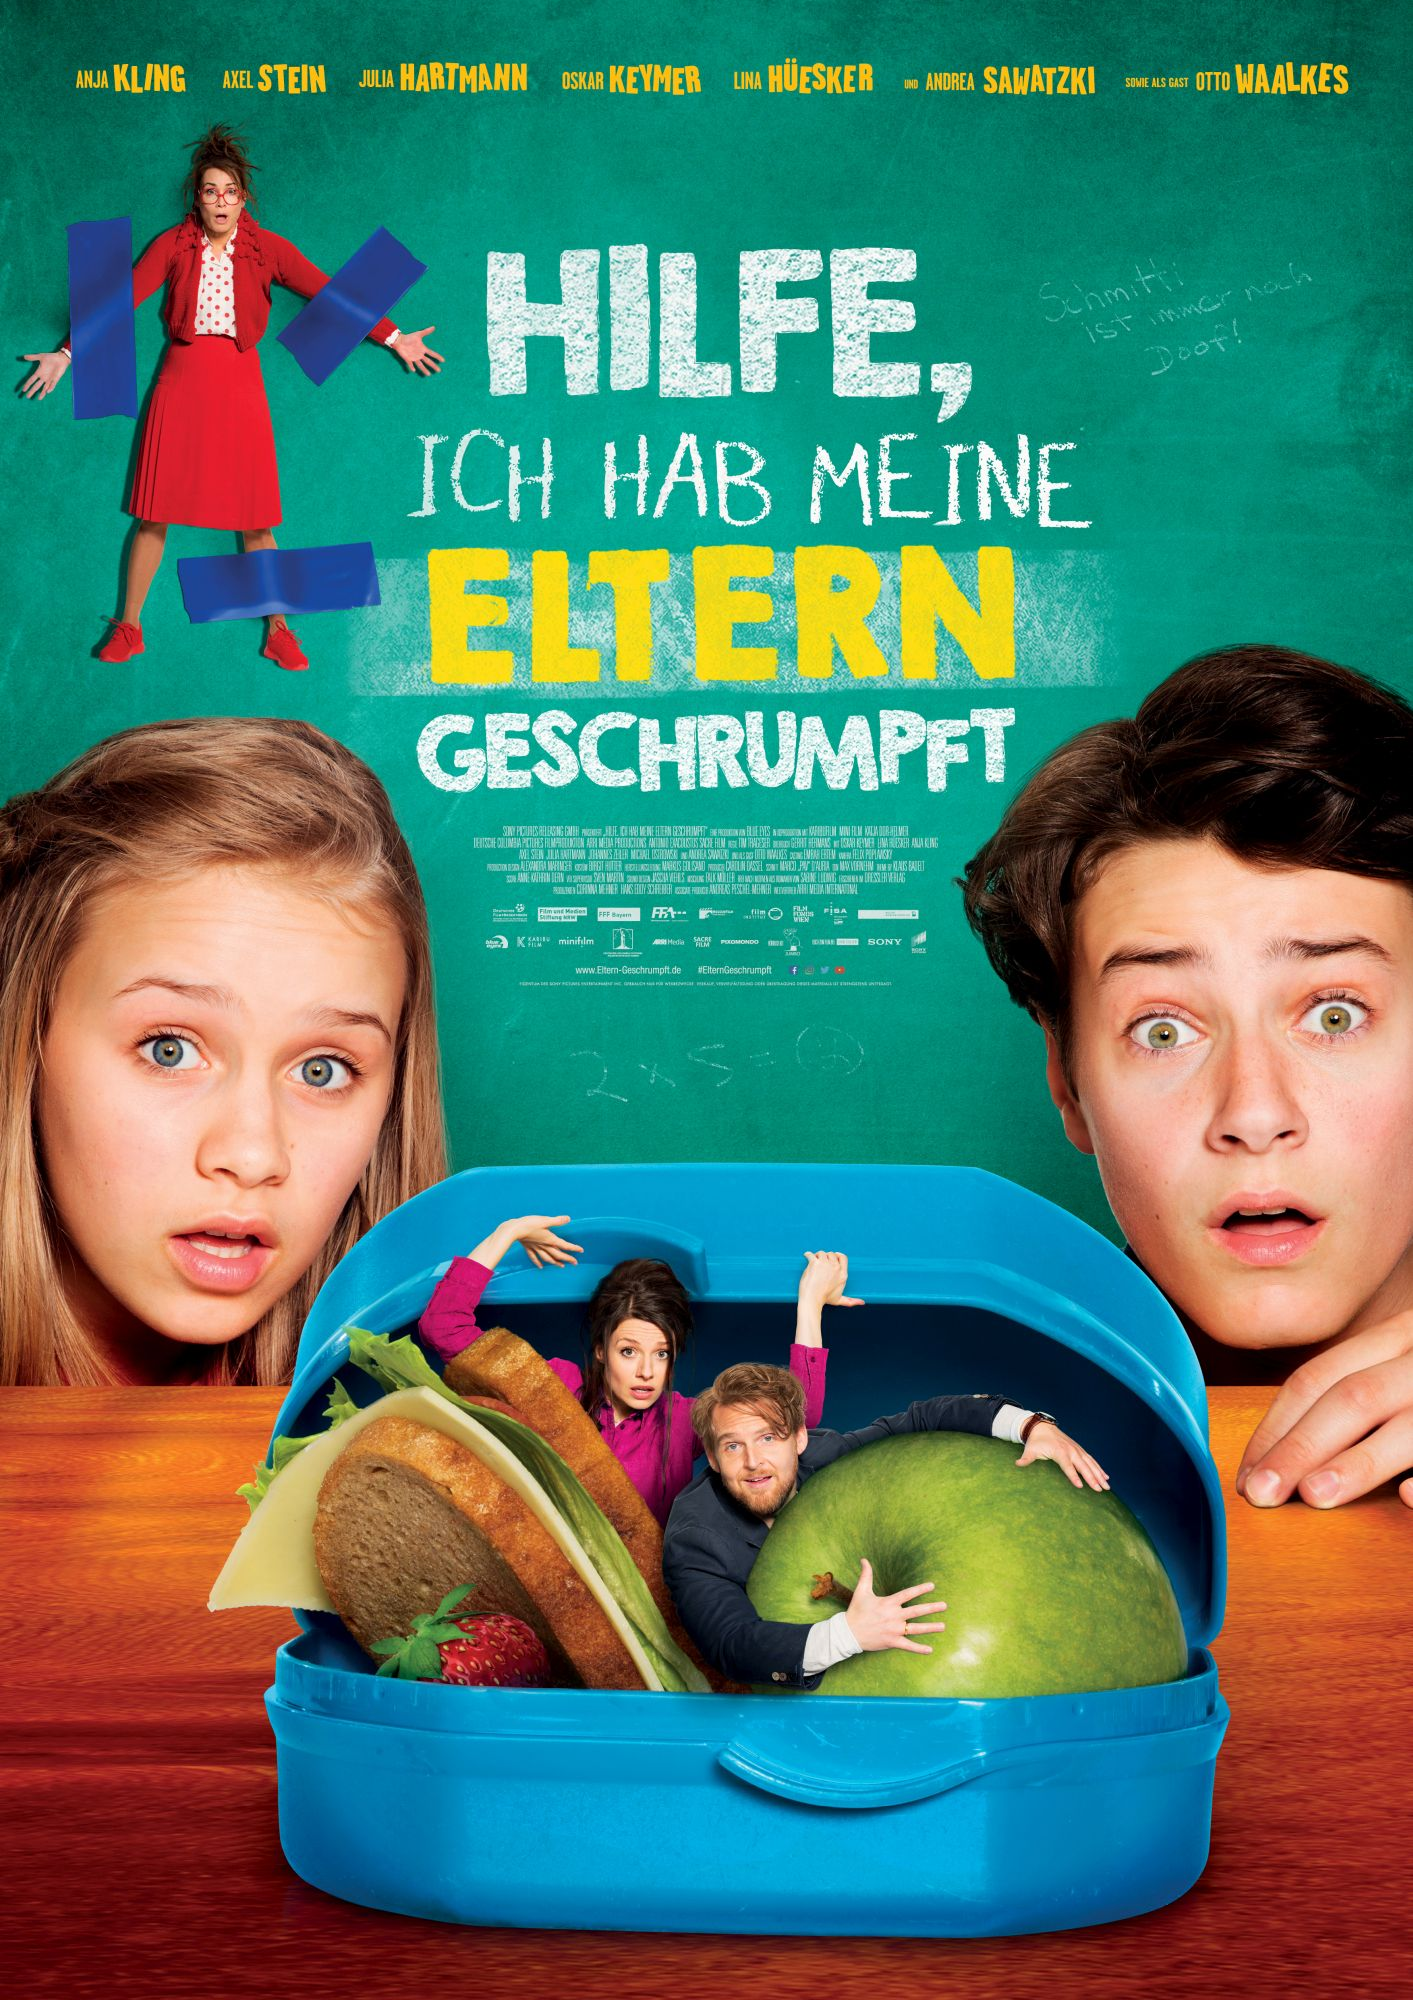 Familienfilm mit Mini-Eltern : inklusive Verlosung zum Film